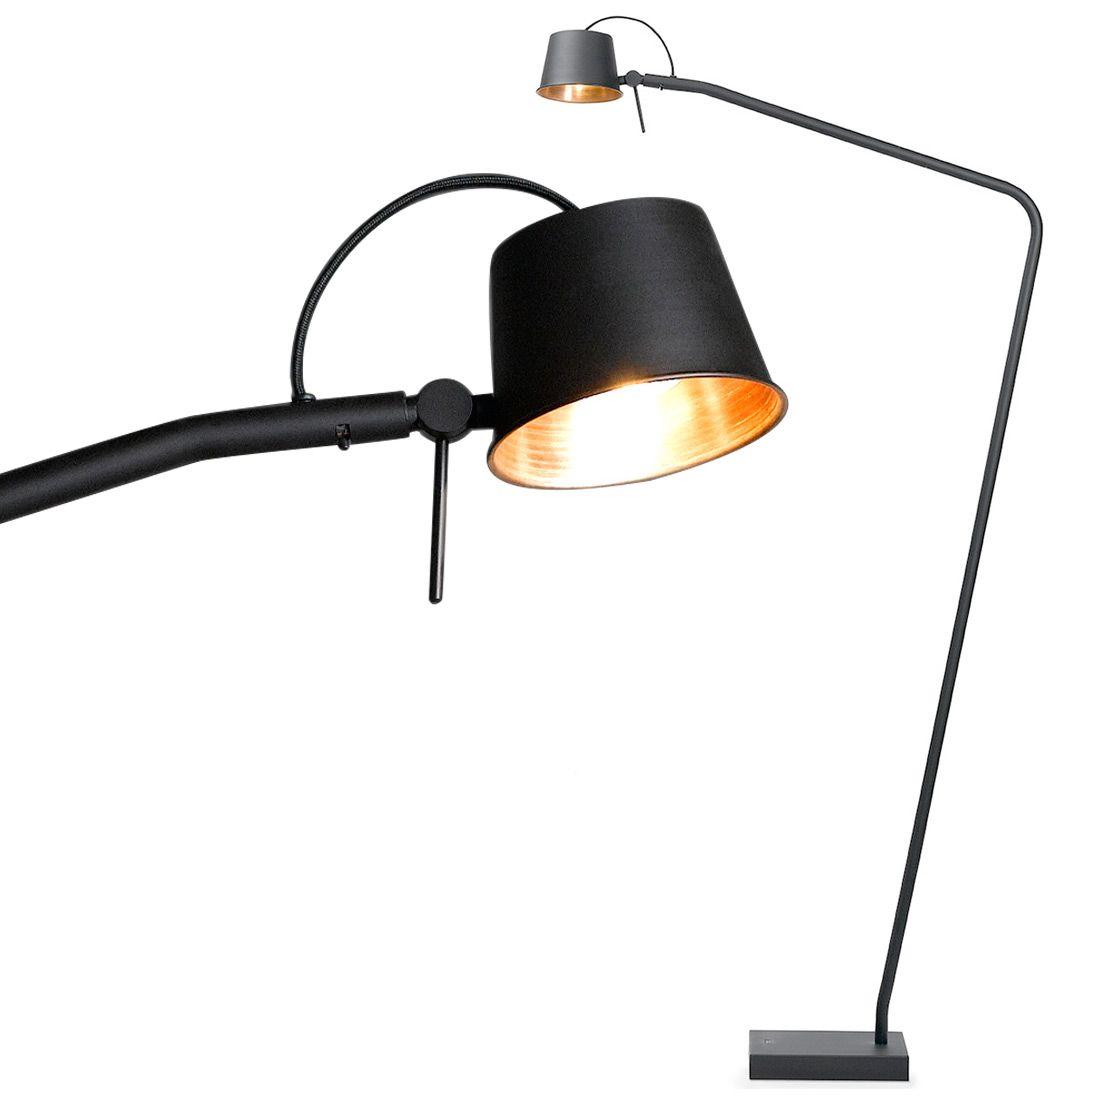 Lese Stehlampe Matt Schwarz Und Kupfer Bliss Von Breda Leuchten